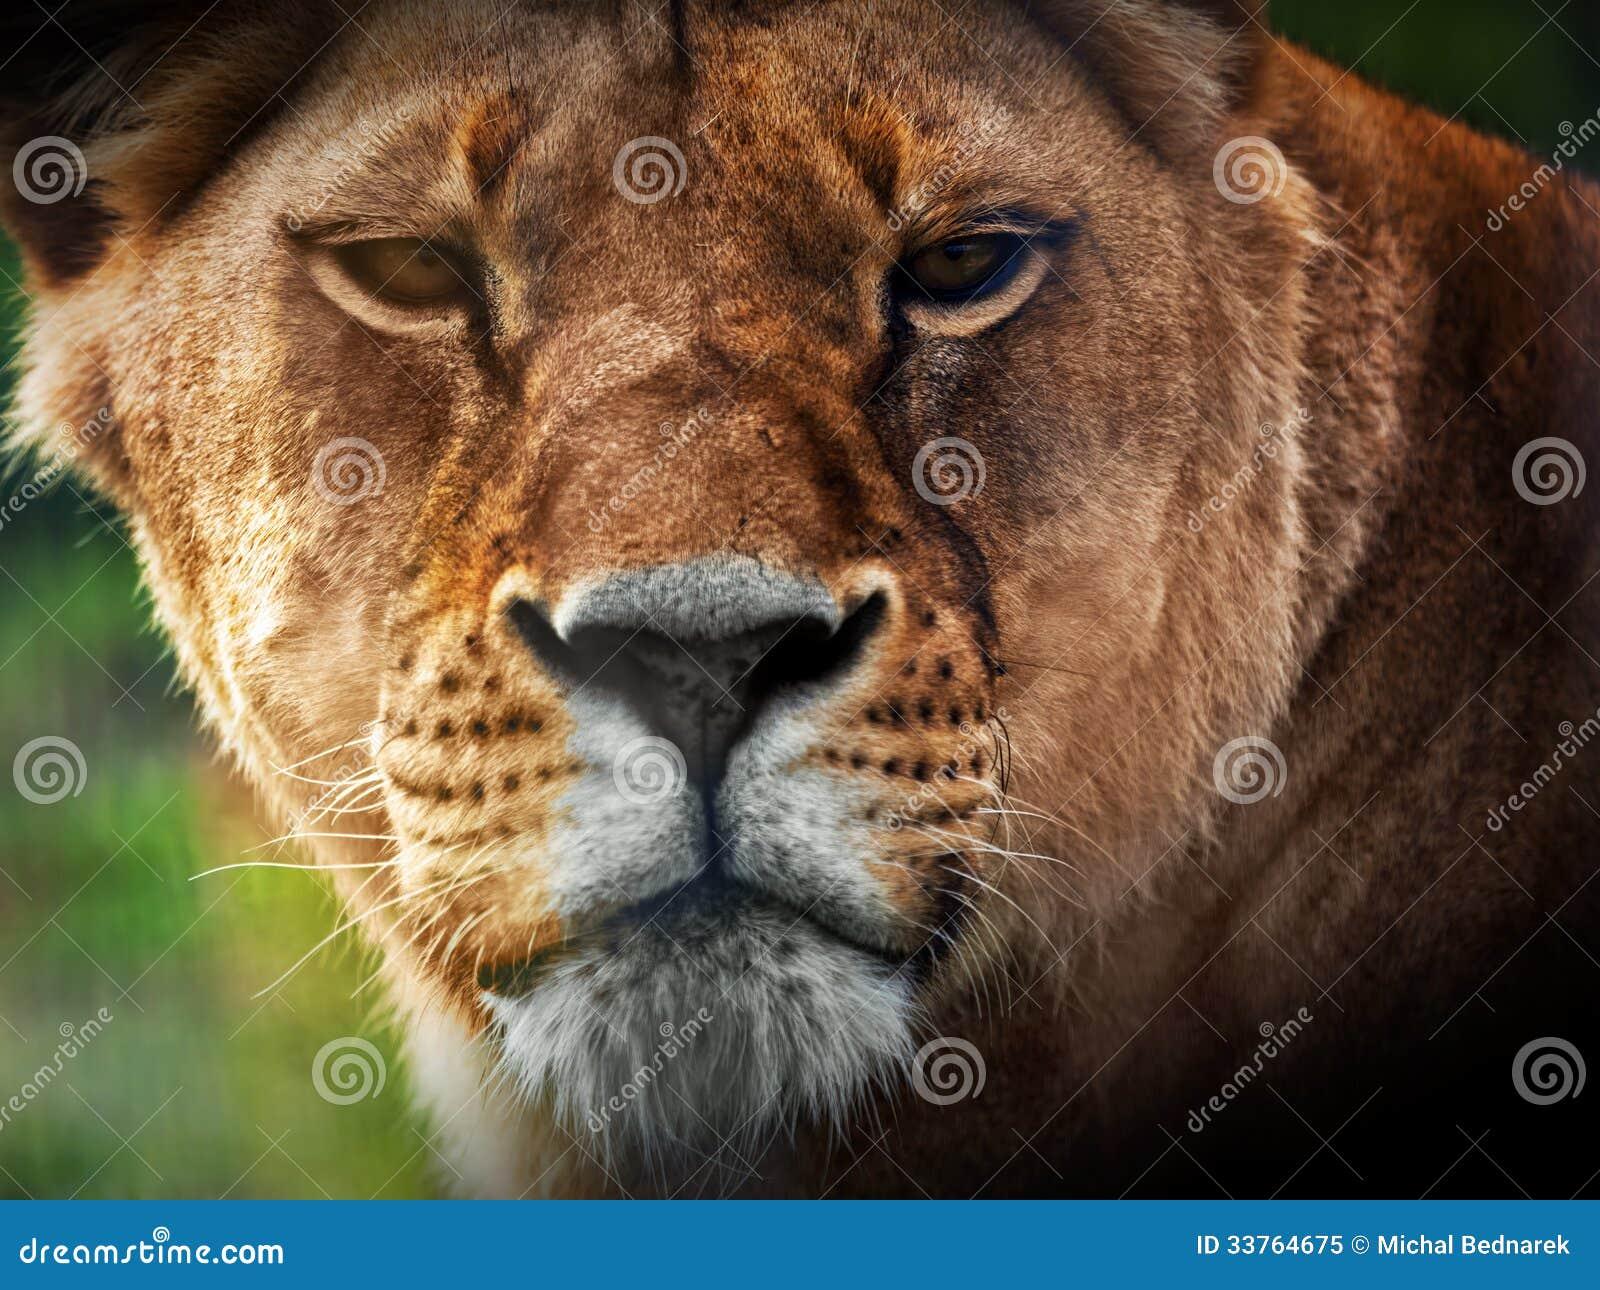 Lioness Front View Lioness lion portrait